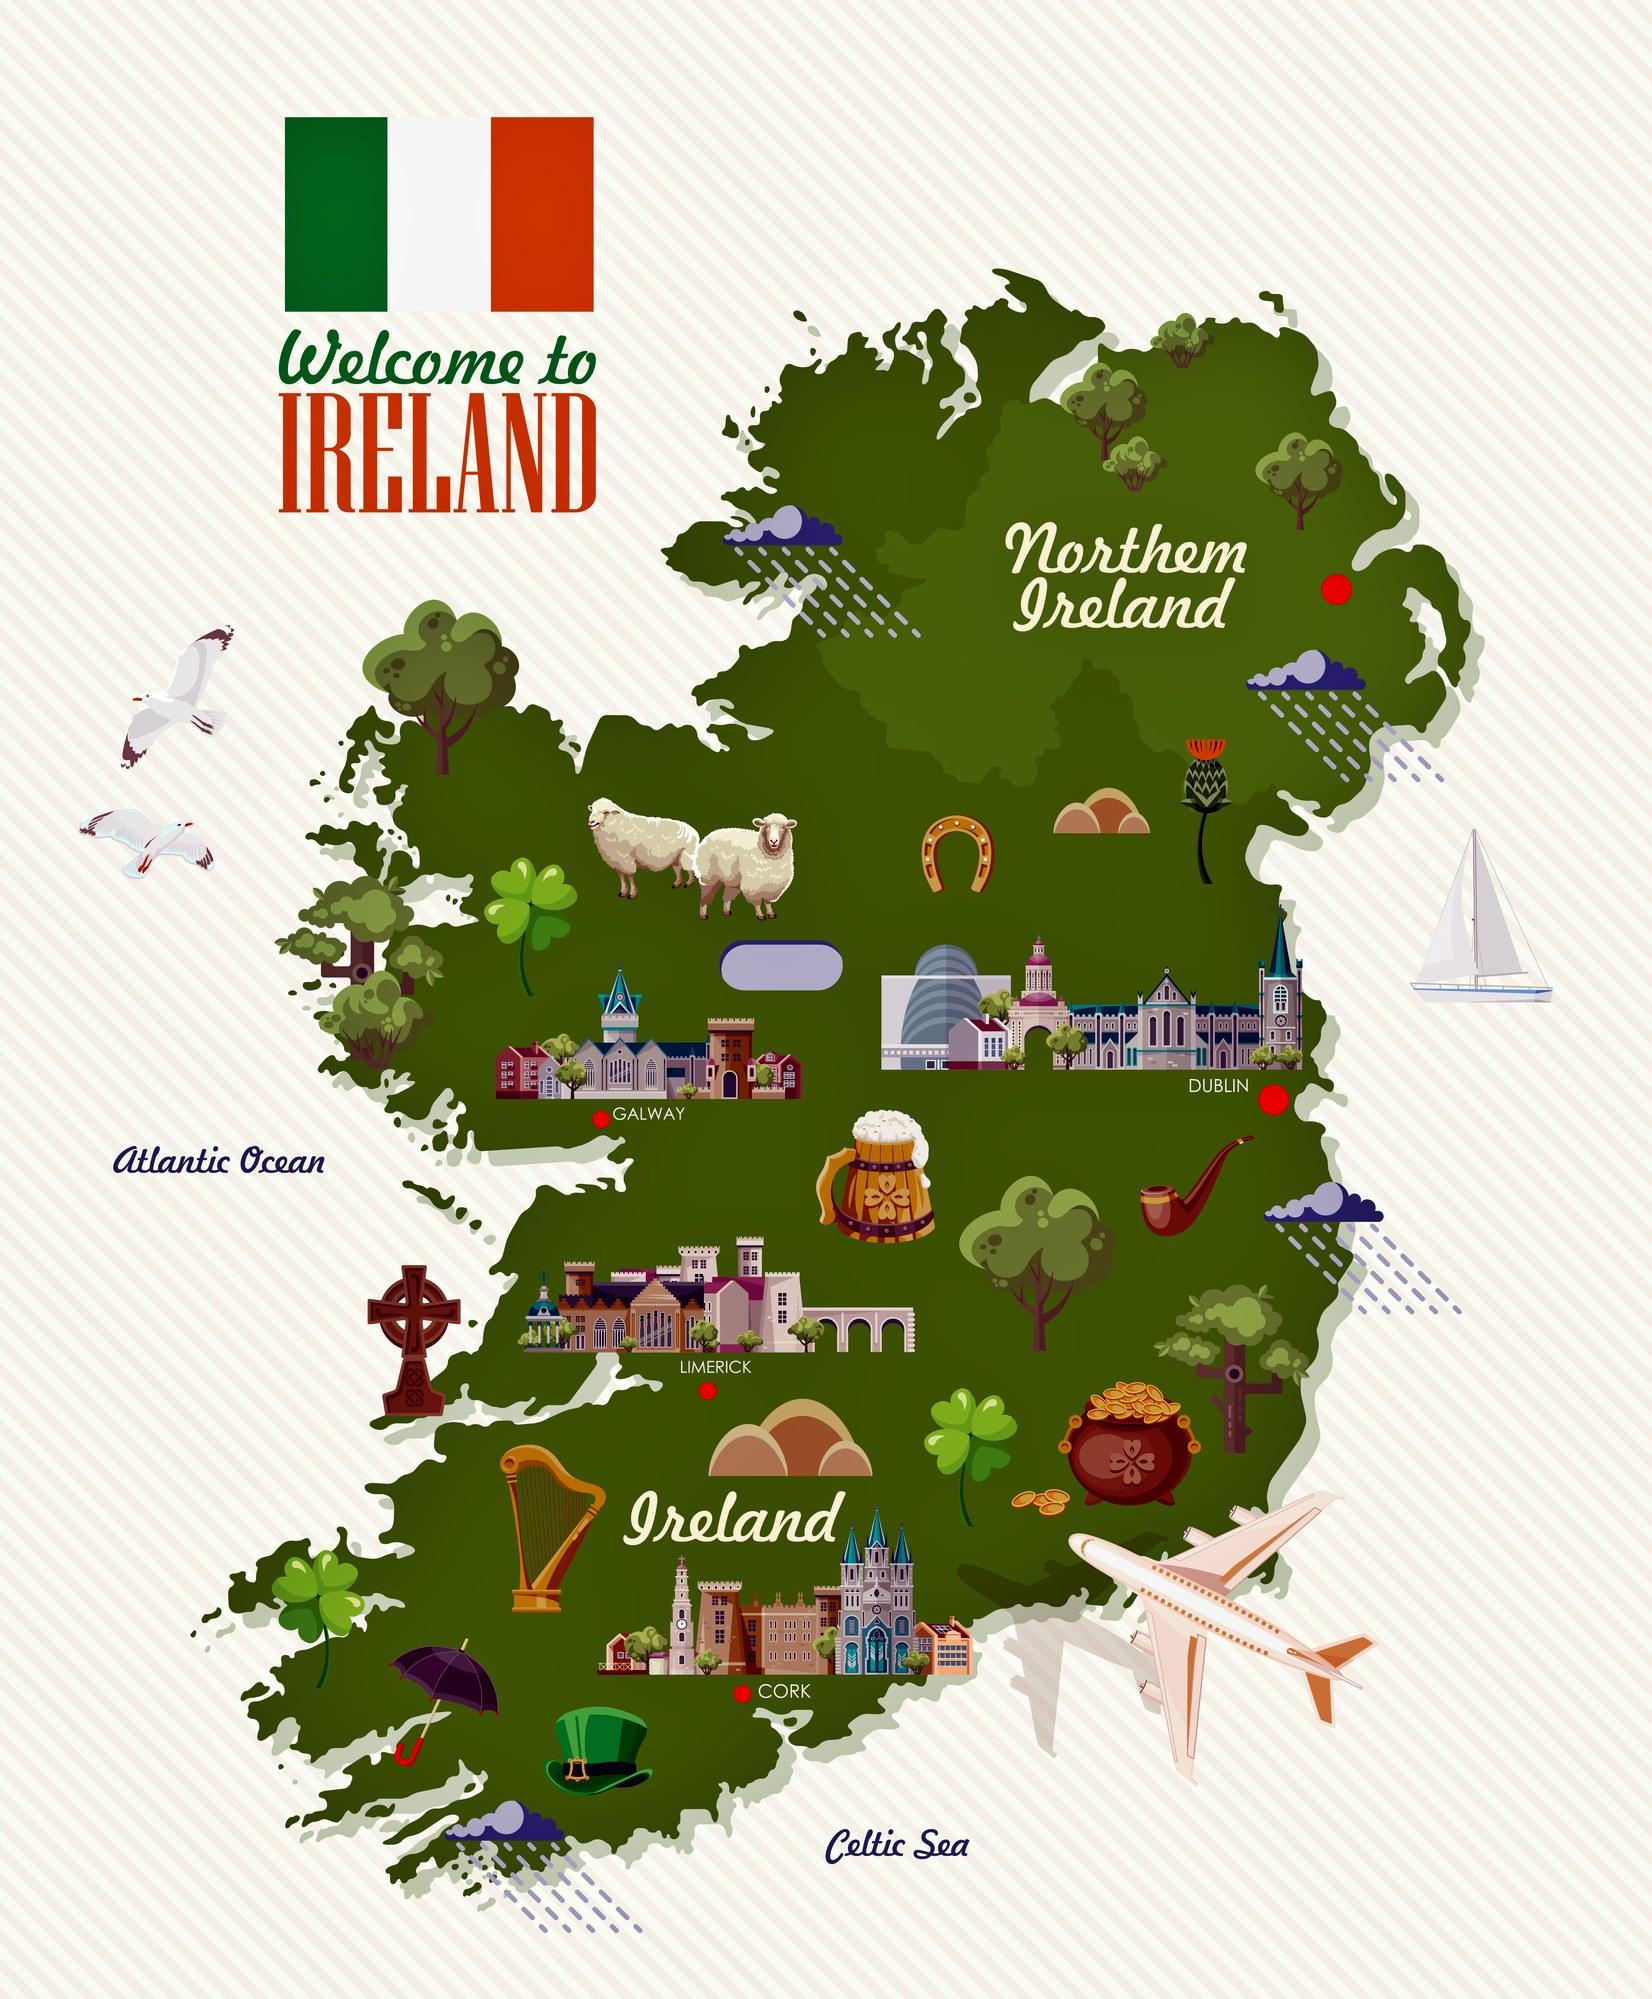 karte sehenswürdigkeiten irland Irland Karte der wichtigsten Sehenswürdigkeiten   OrangeSmile.com